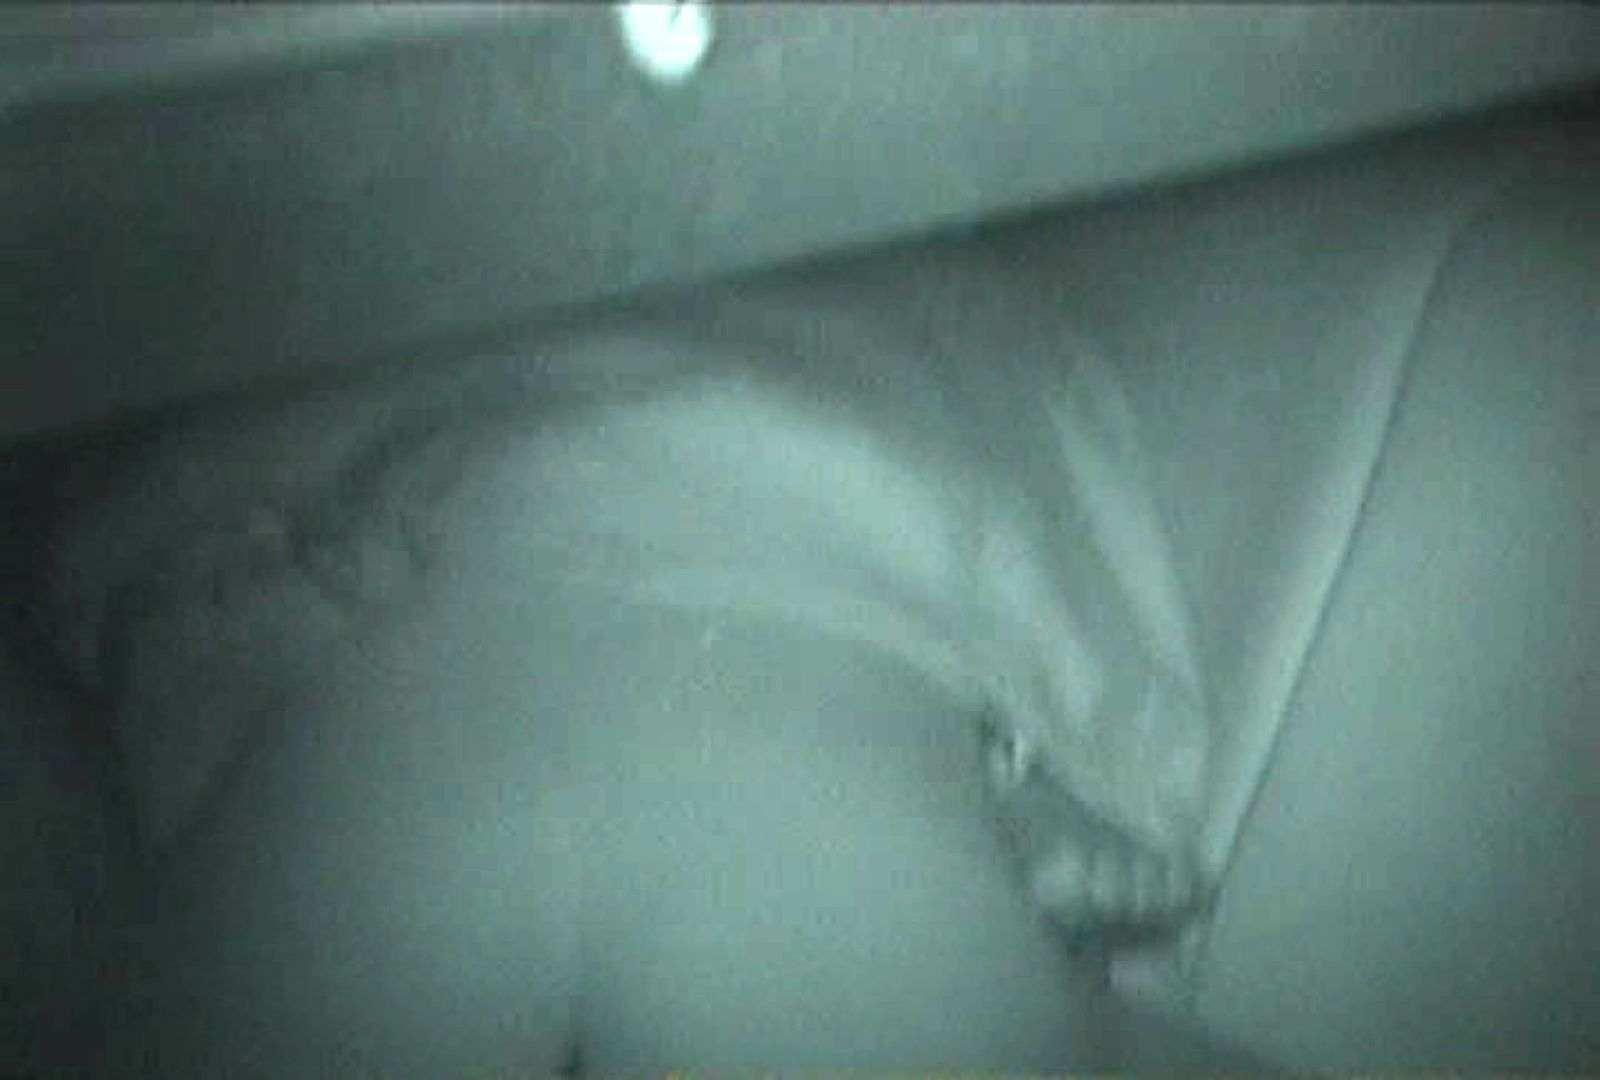 充血監督の深夜の運動会Vol.97 カップル盗撮 性交動画流出 104画像 71